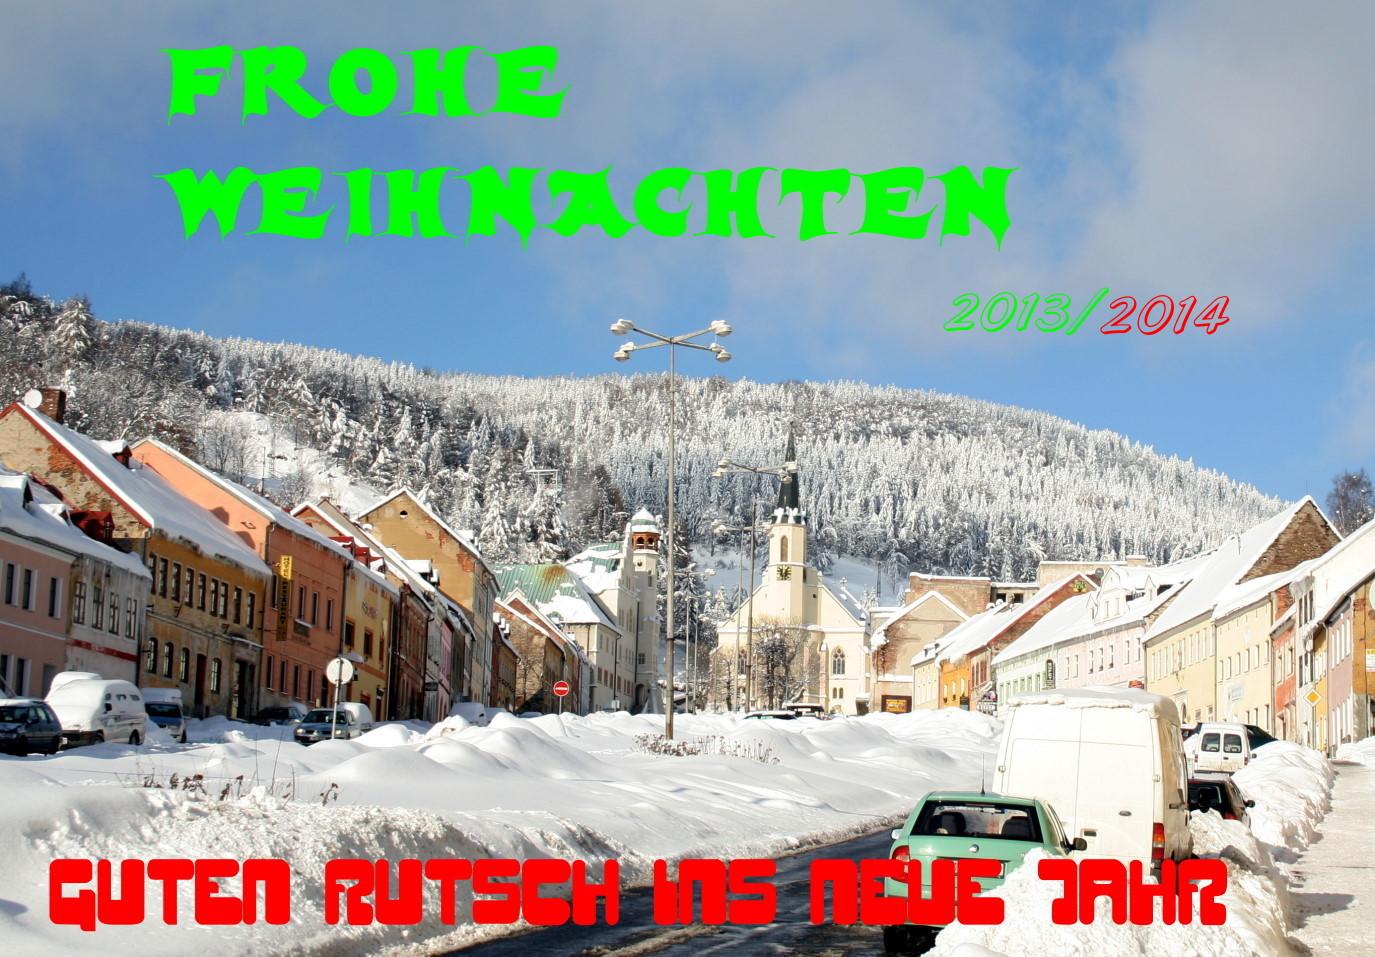 Ein Frohes Fest und guten Rutsch ins Neue Jahr...